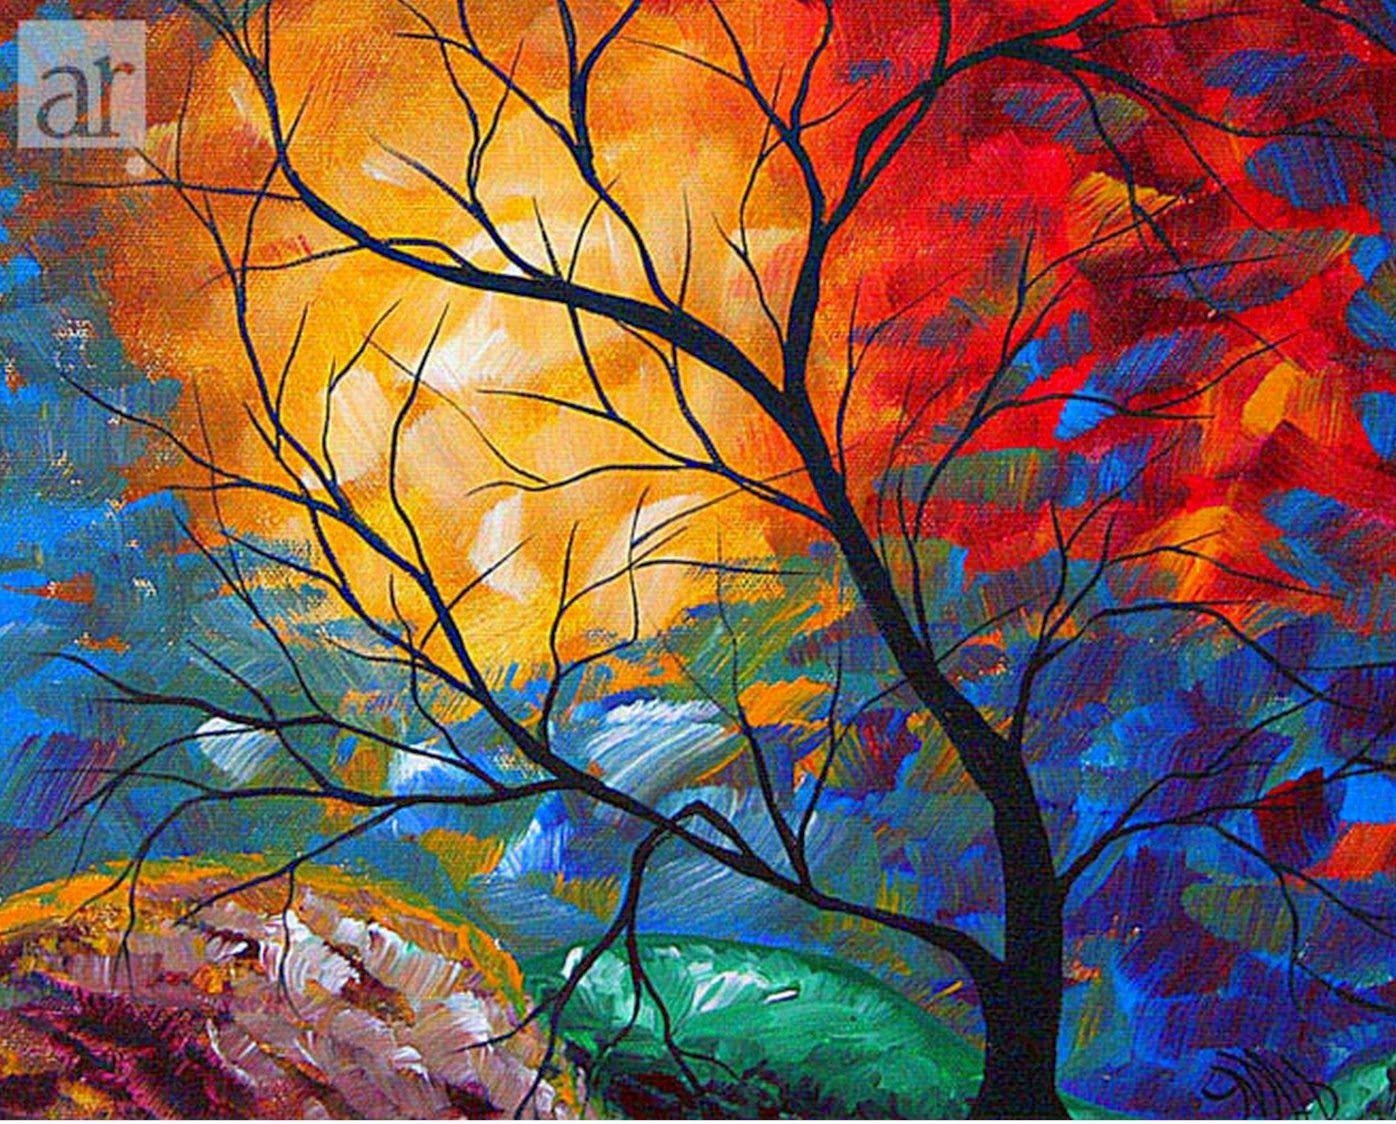 image result for cuadros de dibujos del mar faciles art